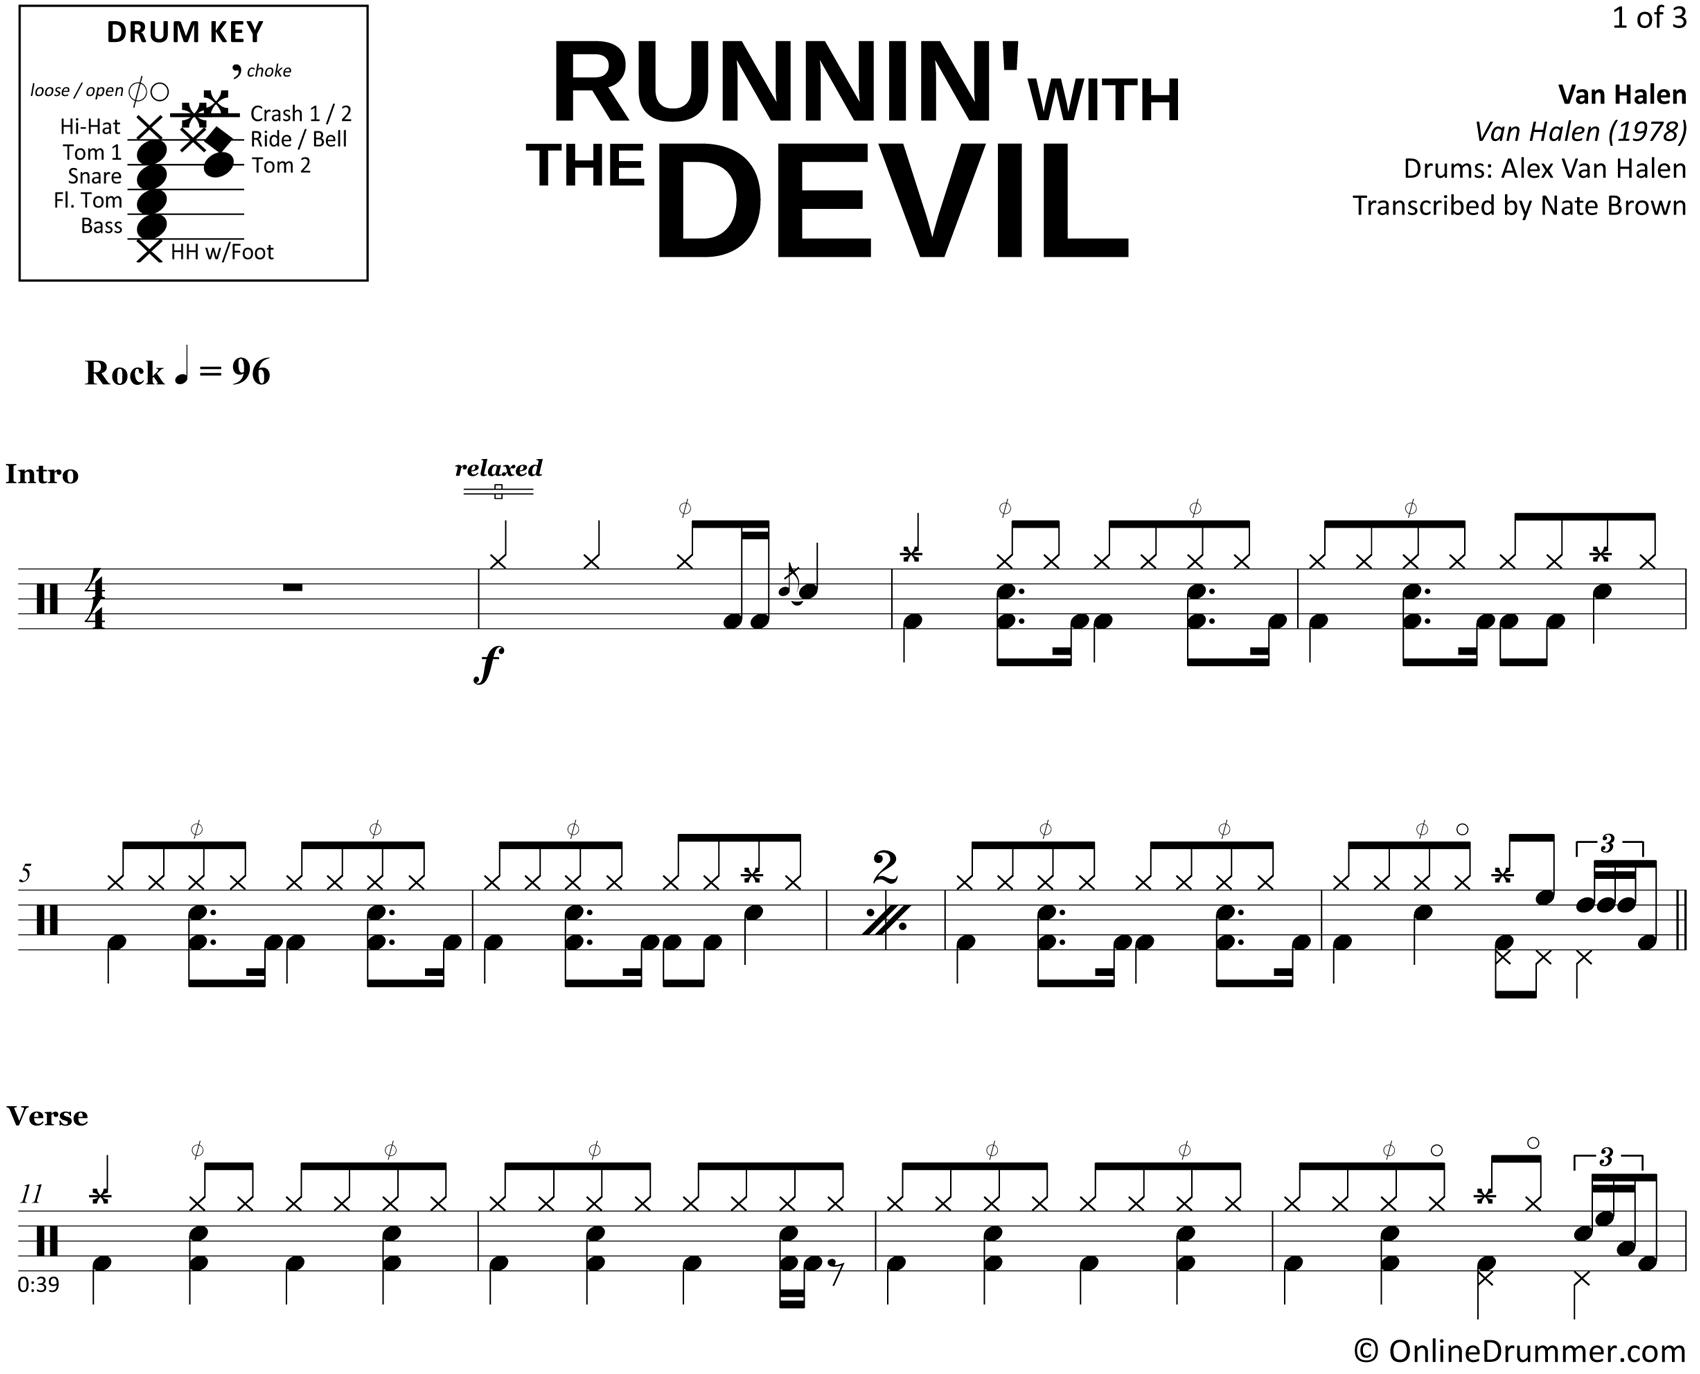 Runnin' with the Devil - Van Halen - Drum Sheet Music